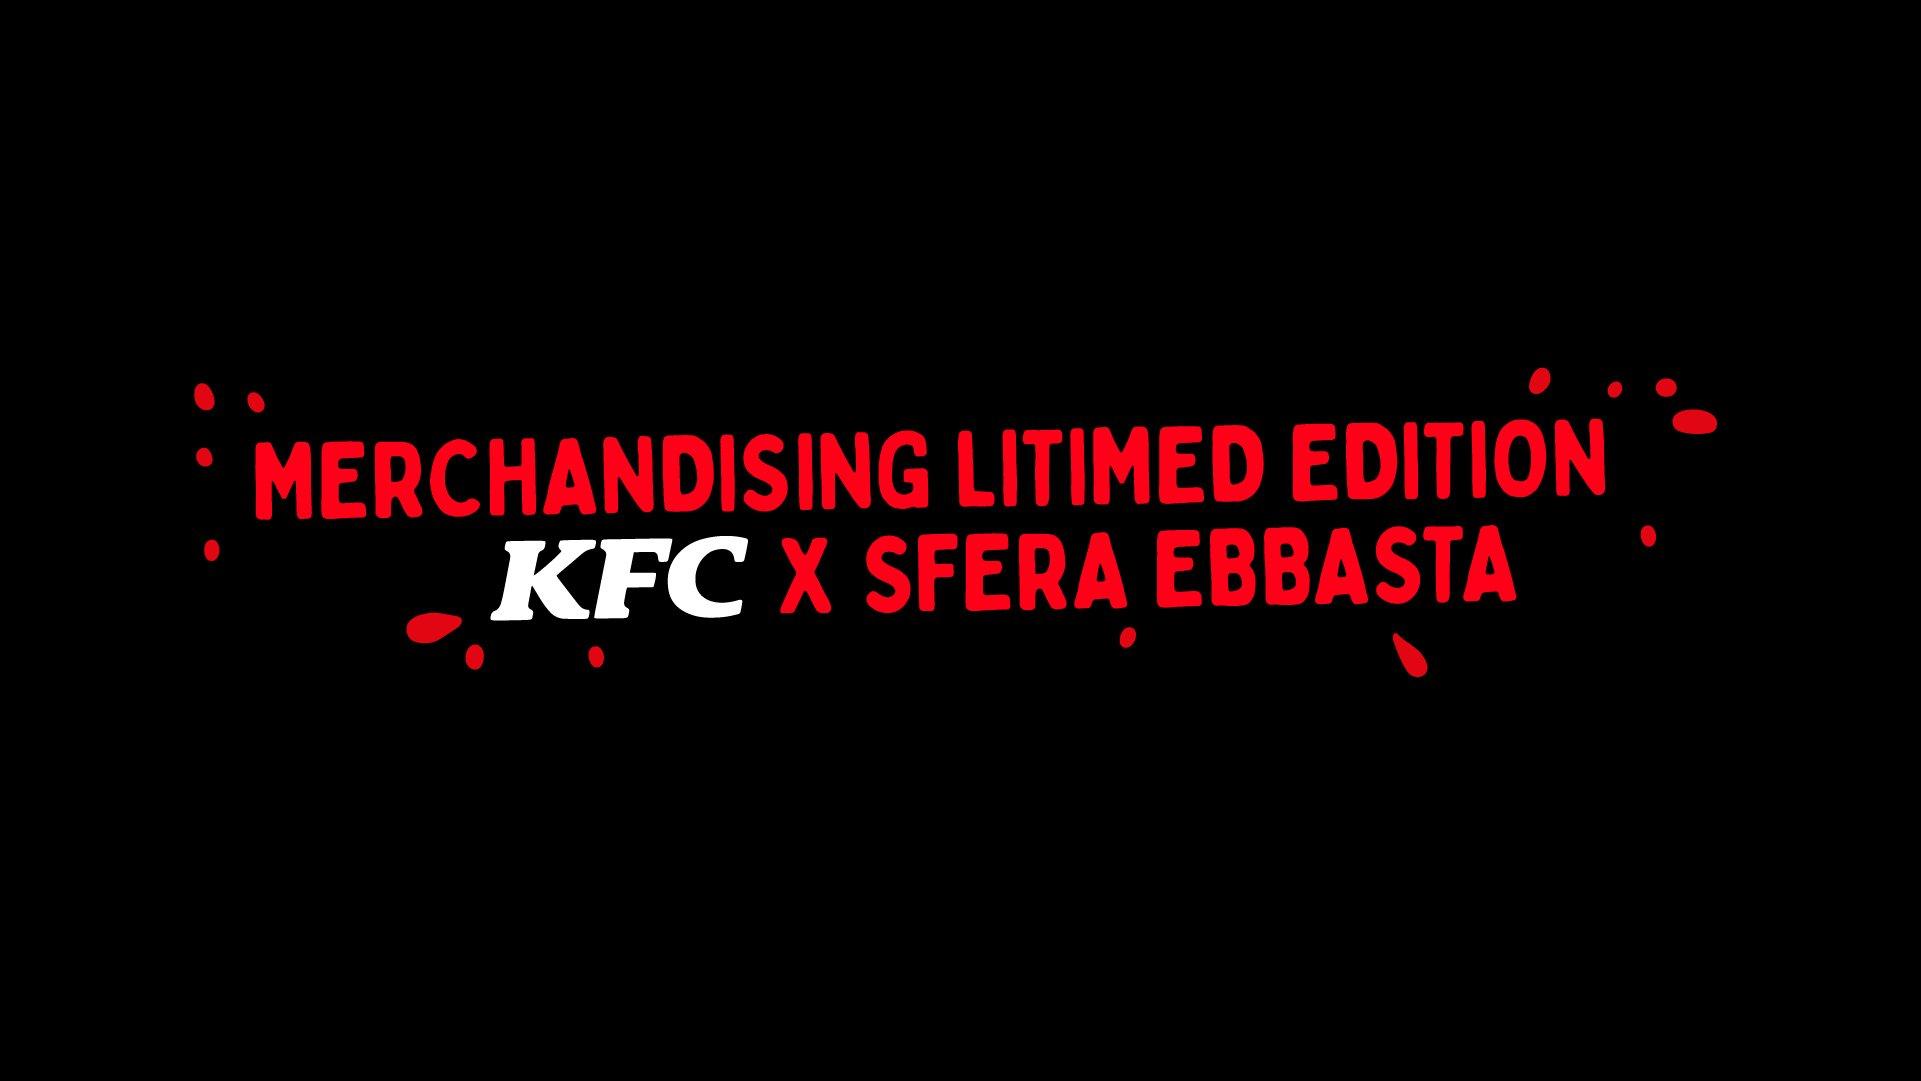 SFERA KFC MERCH 2020 menu graphics 02